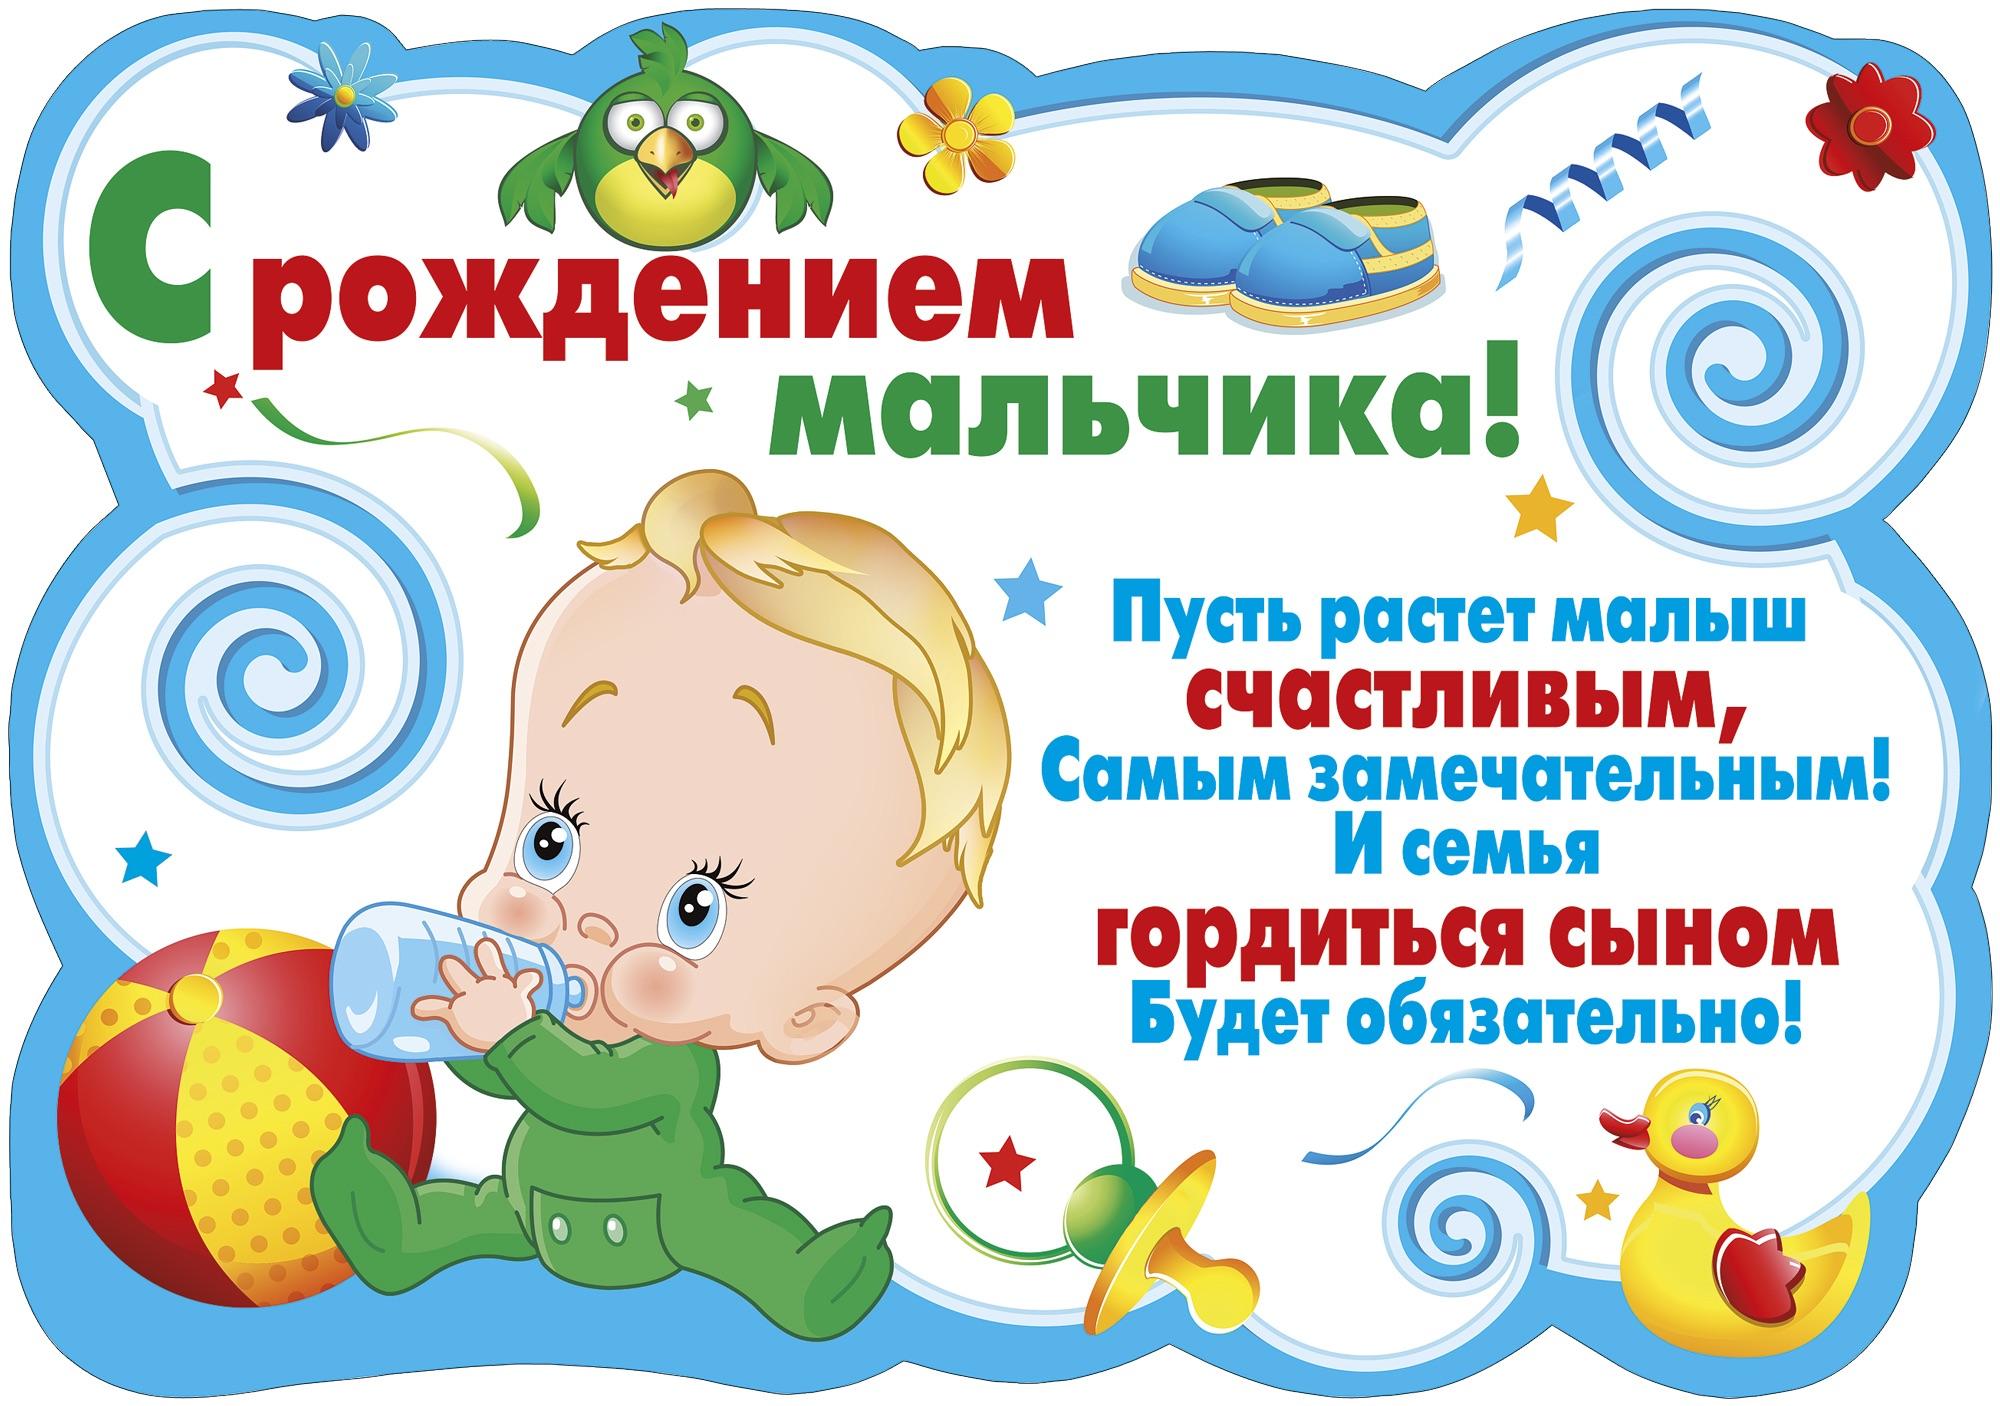 Поздравление новорожденному ребенку в прозе